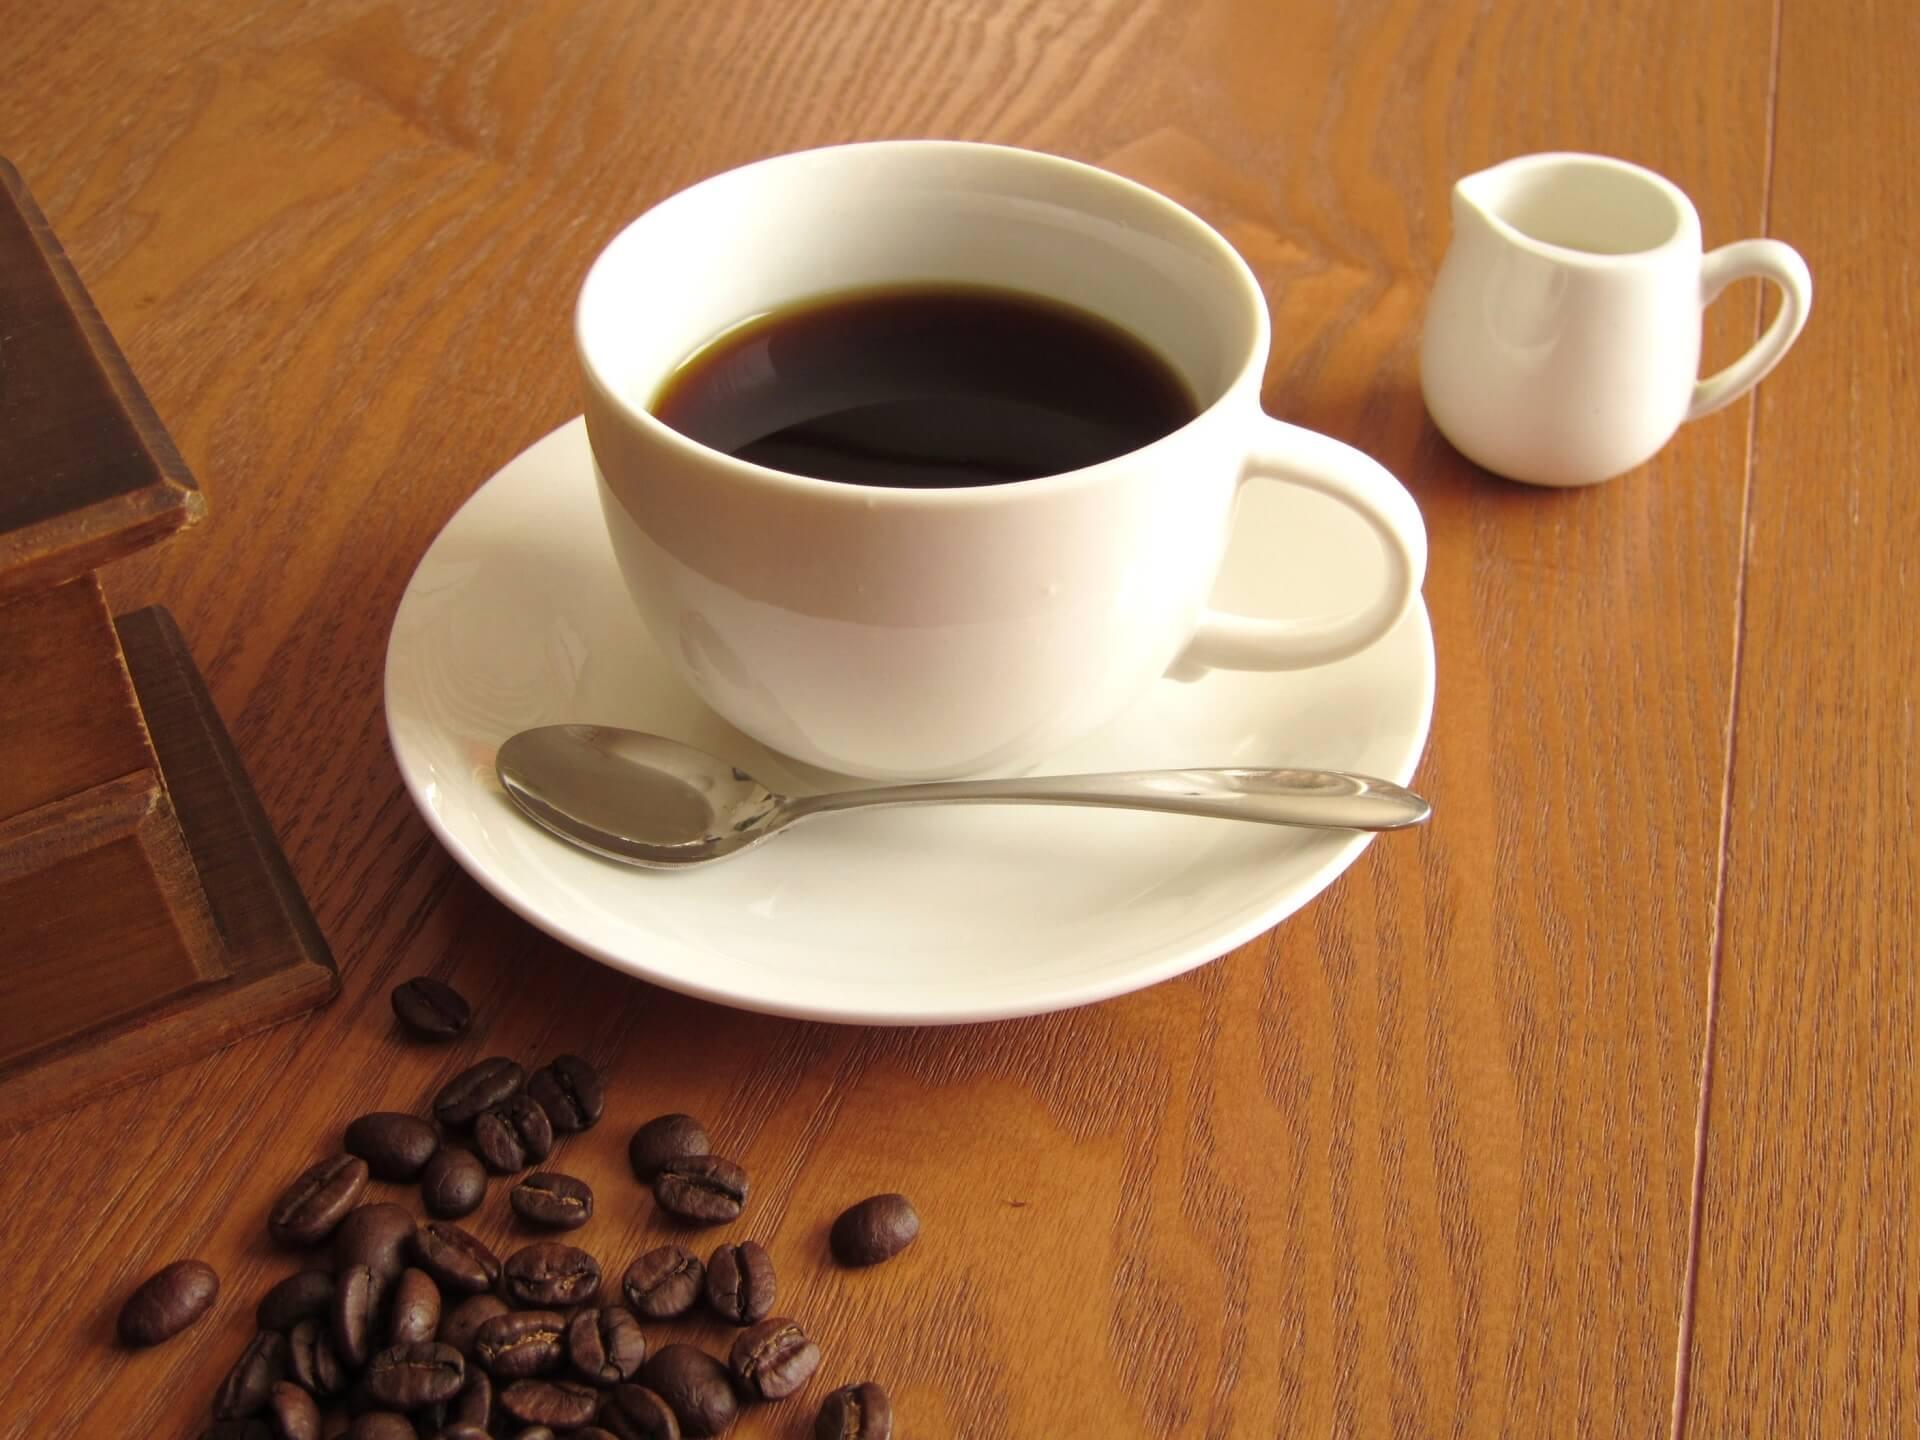 コーヒーのメリットとデメリット!意外と知らなかったコーヒーの「豆」知識